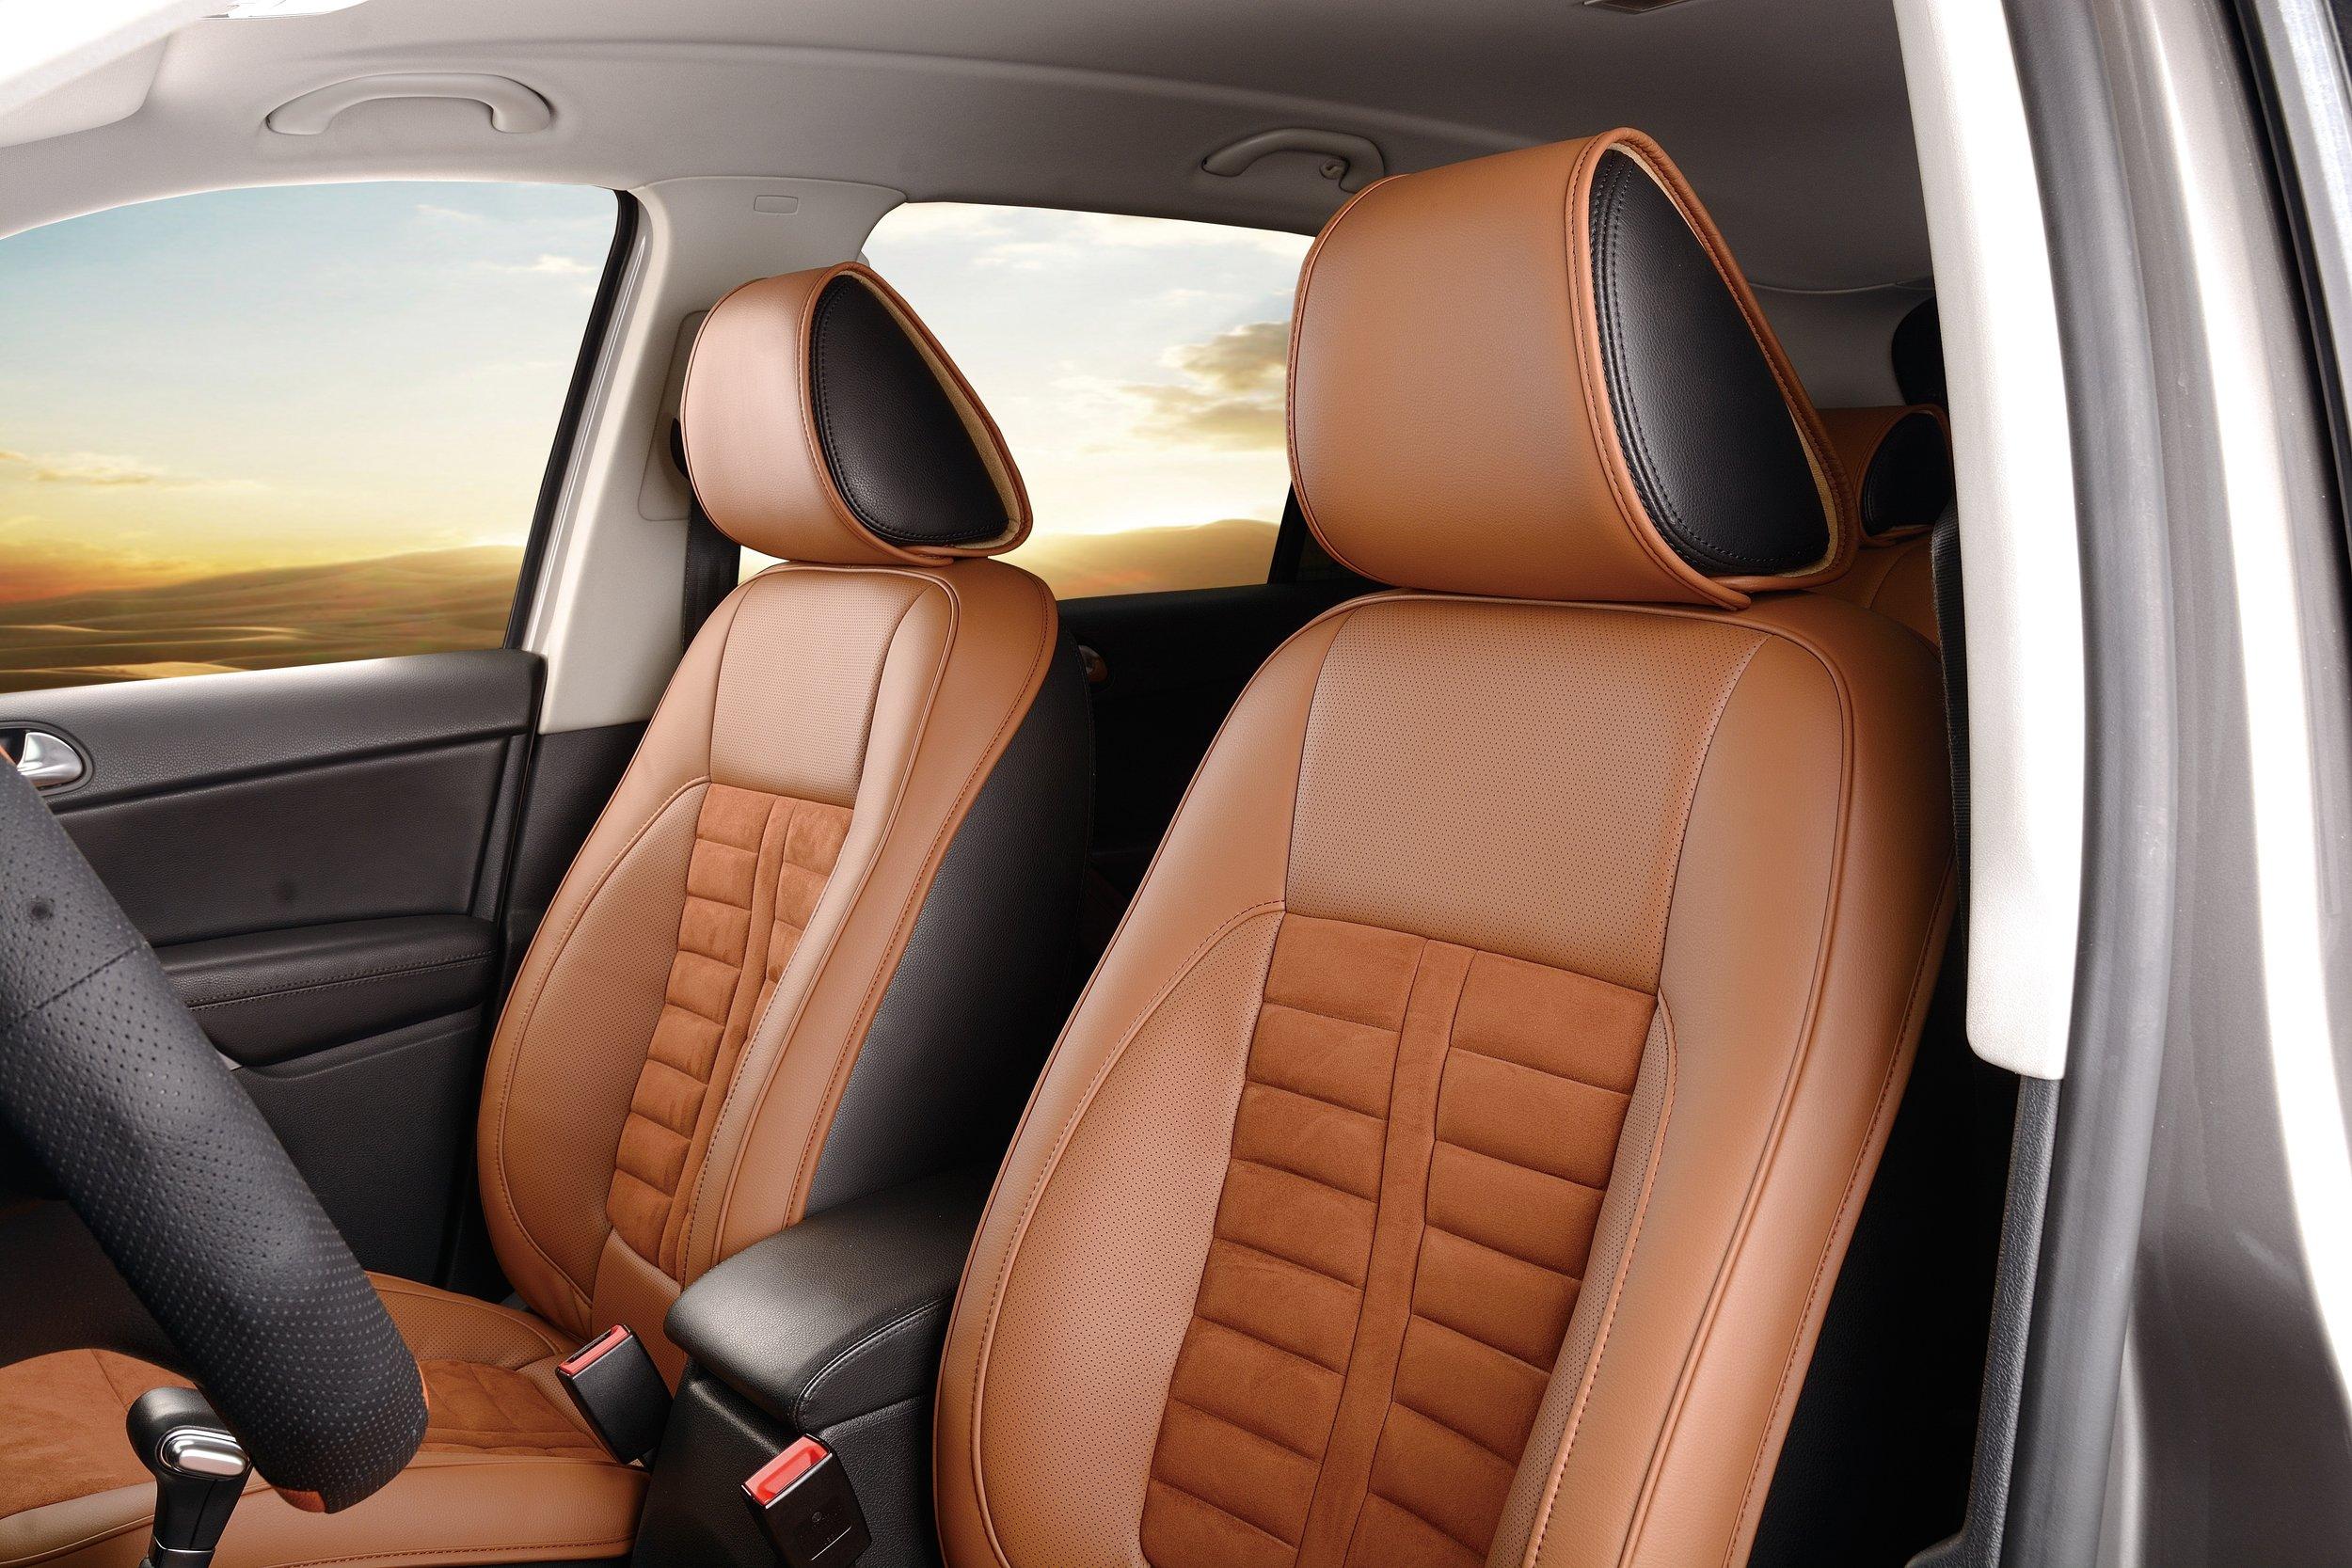 Beste Ergonomie in de autostoel Bespaar 8% brandstofkosten — Rijgedrag QX-05